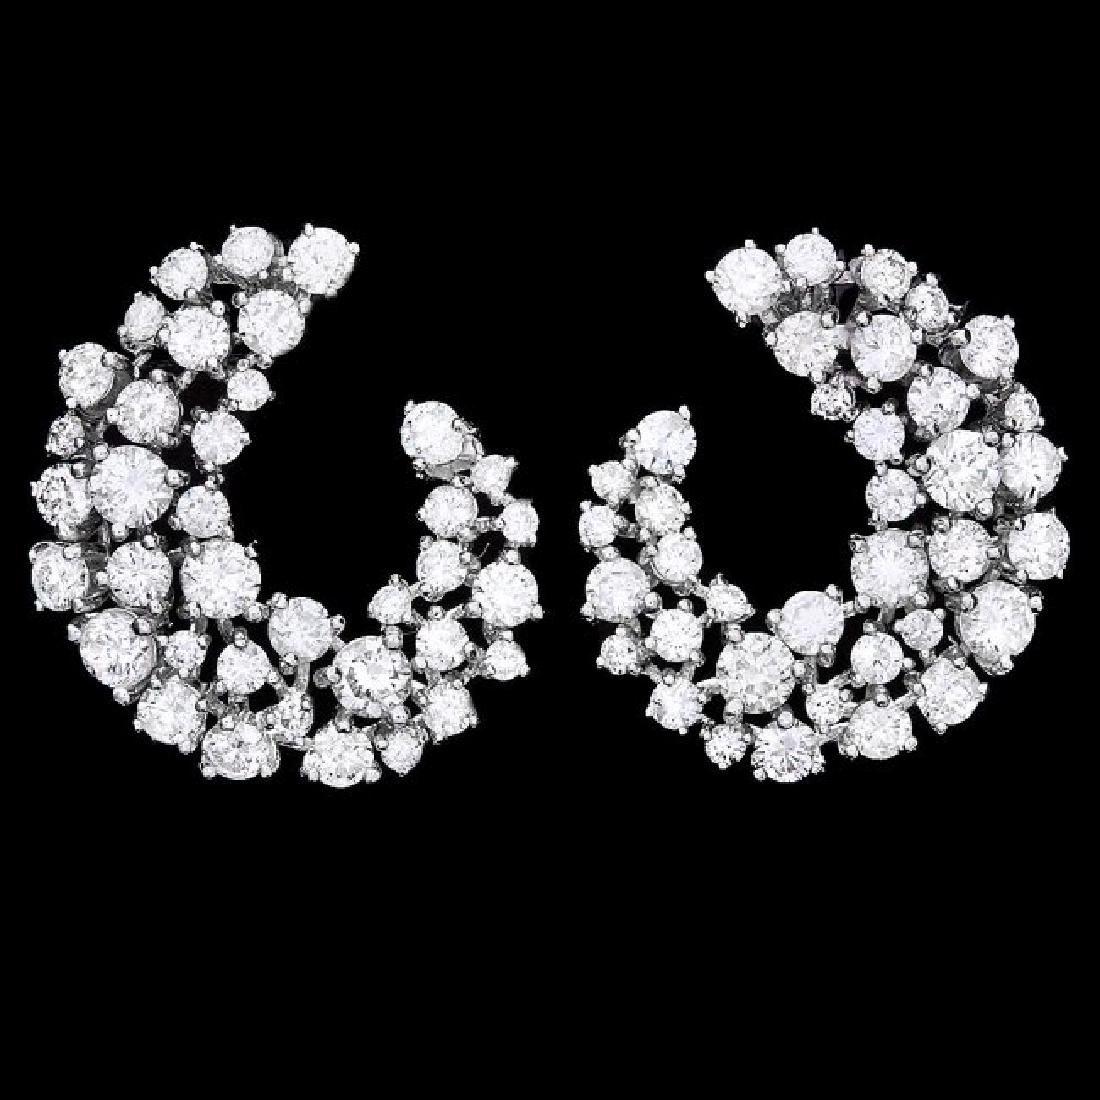 14k White Gold 4.40ct Diamond Earrings